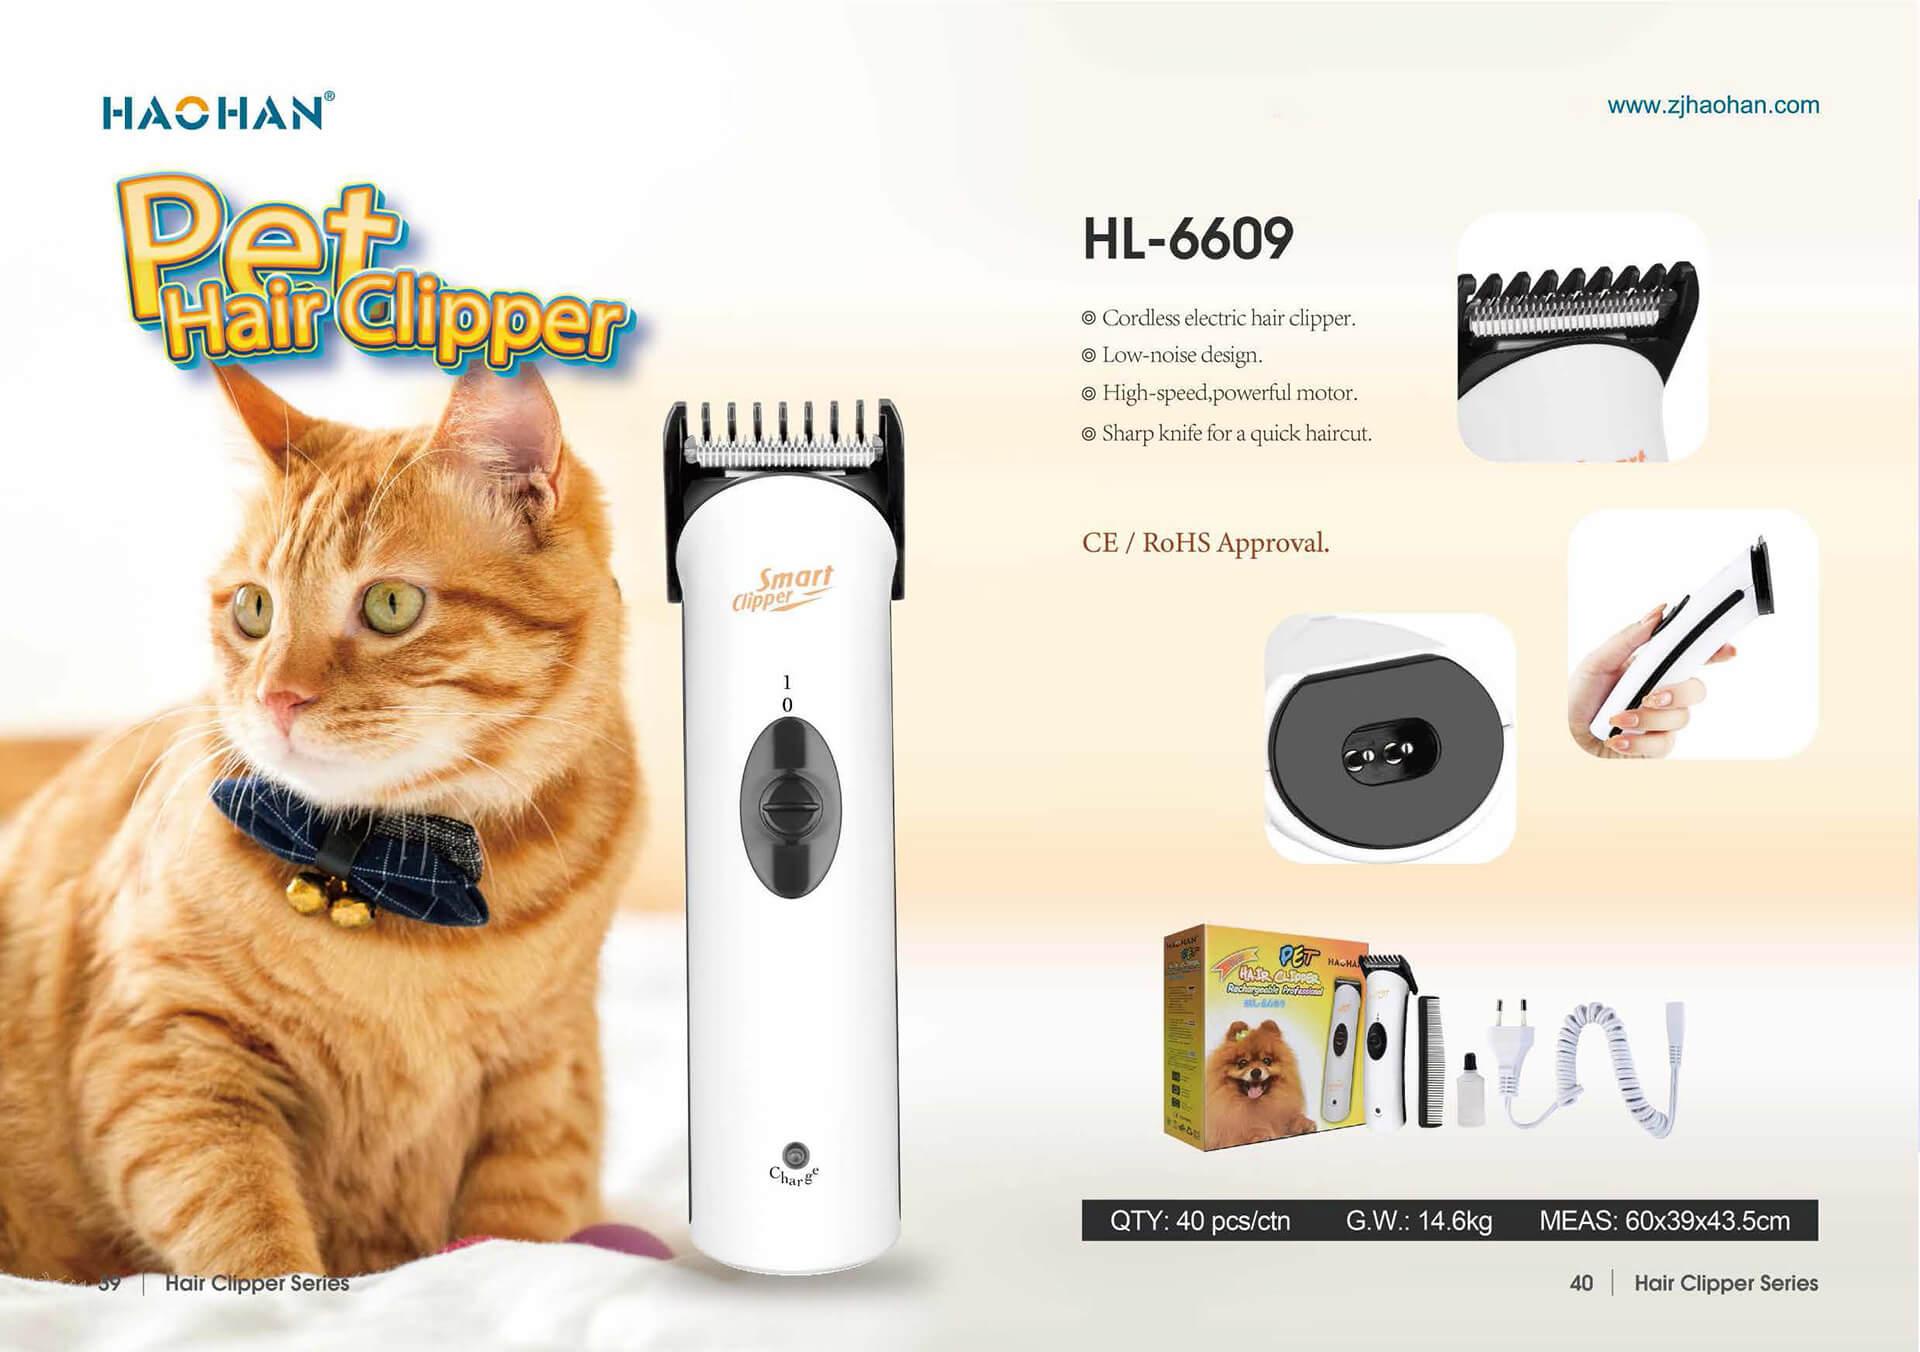 1631847249 Electric Hair Trimmer 7 Zhejiang Haohan